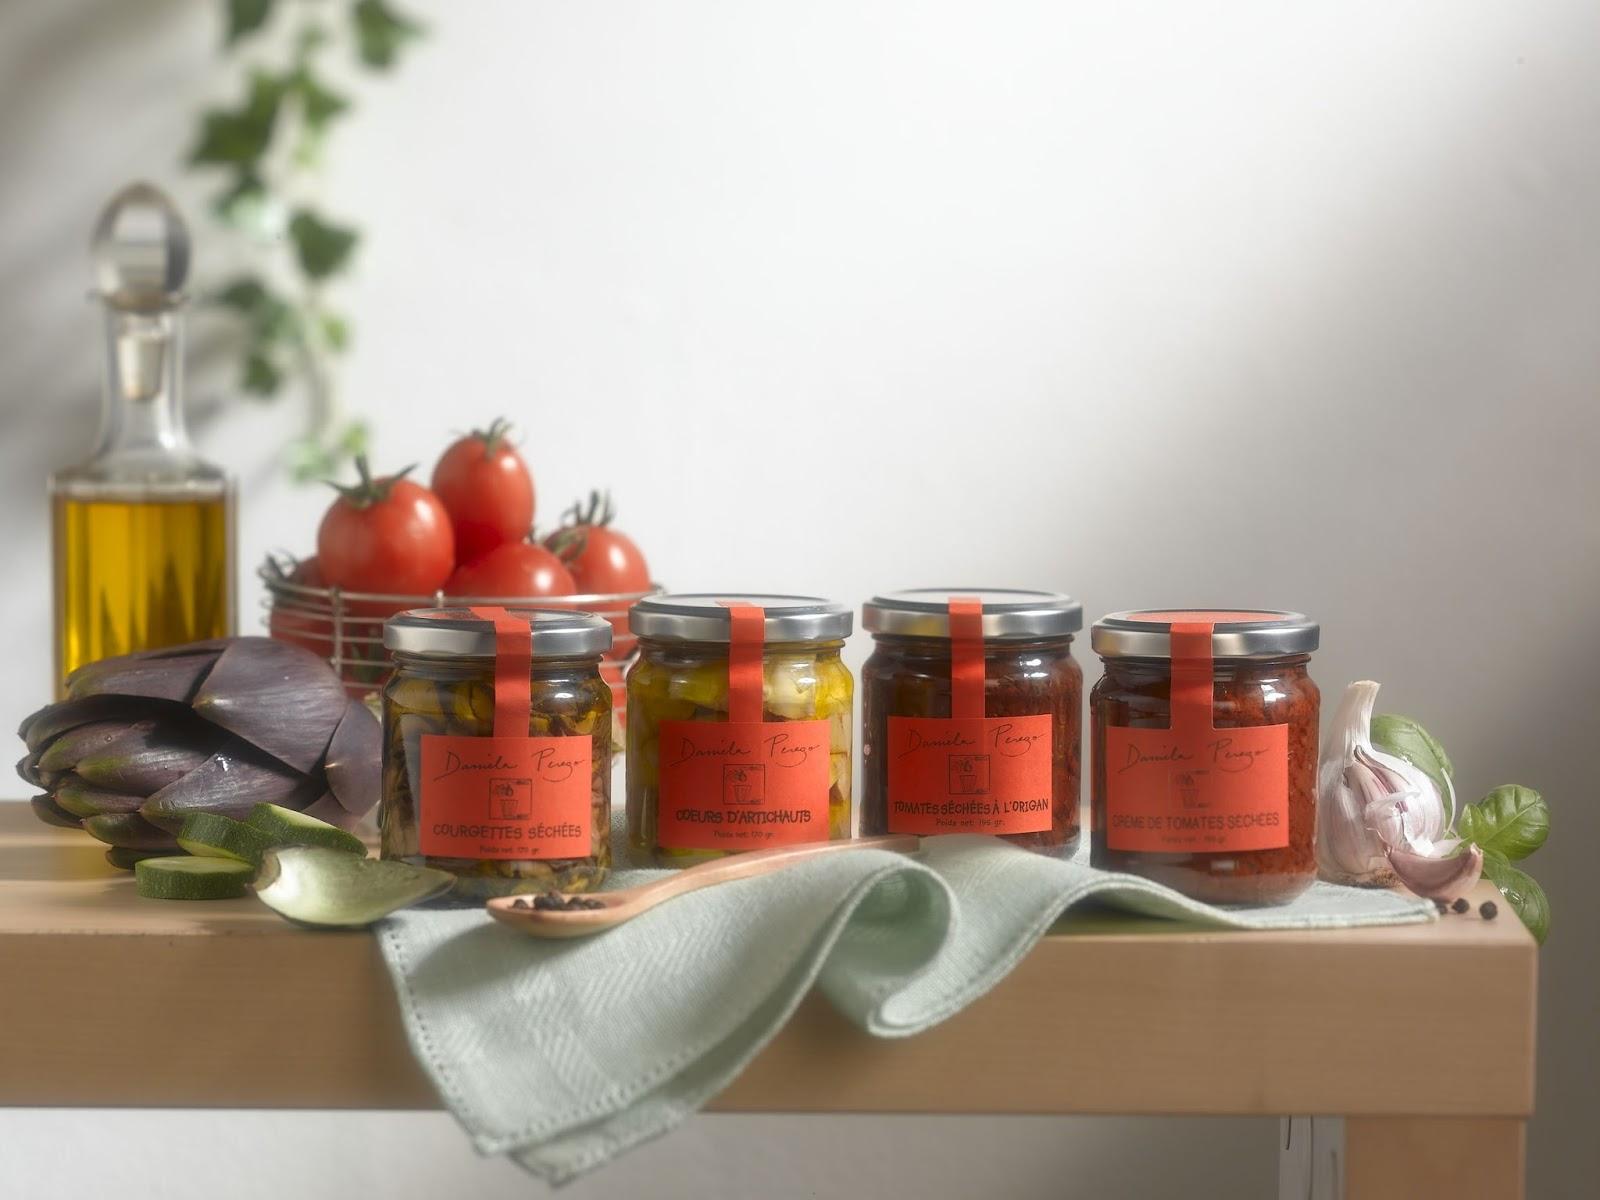 produits gourmands artisanaux cr s par daniela perego l gumes en conserves l 39 huile d 39 olive. Black Bedroom Furniture Sets. Home Design Ideas